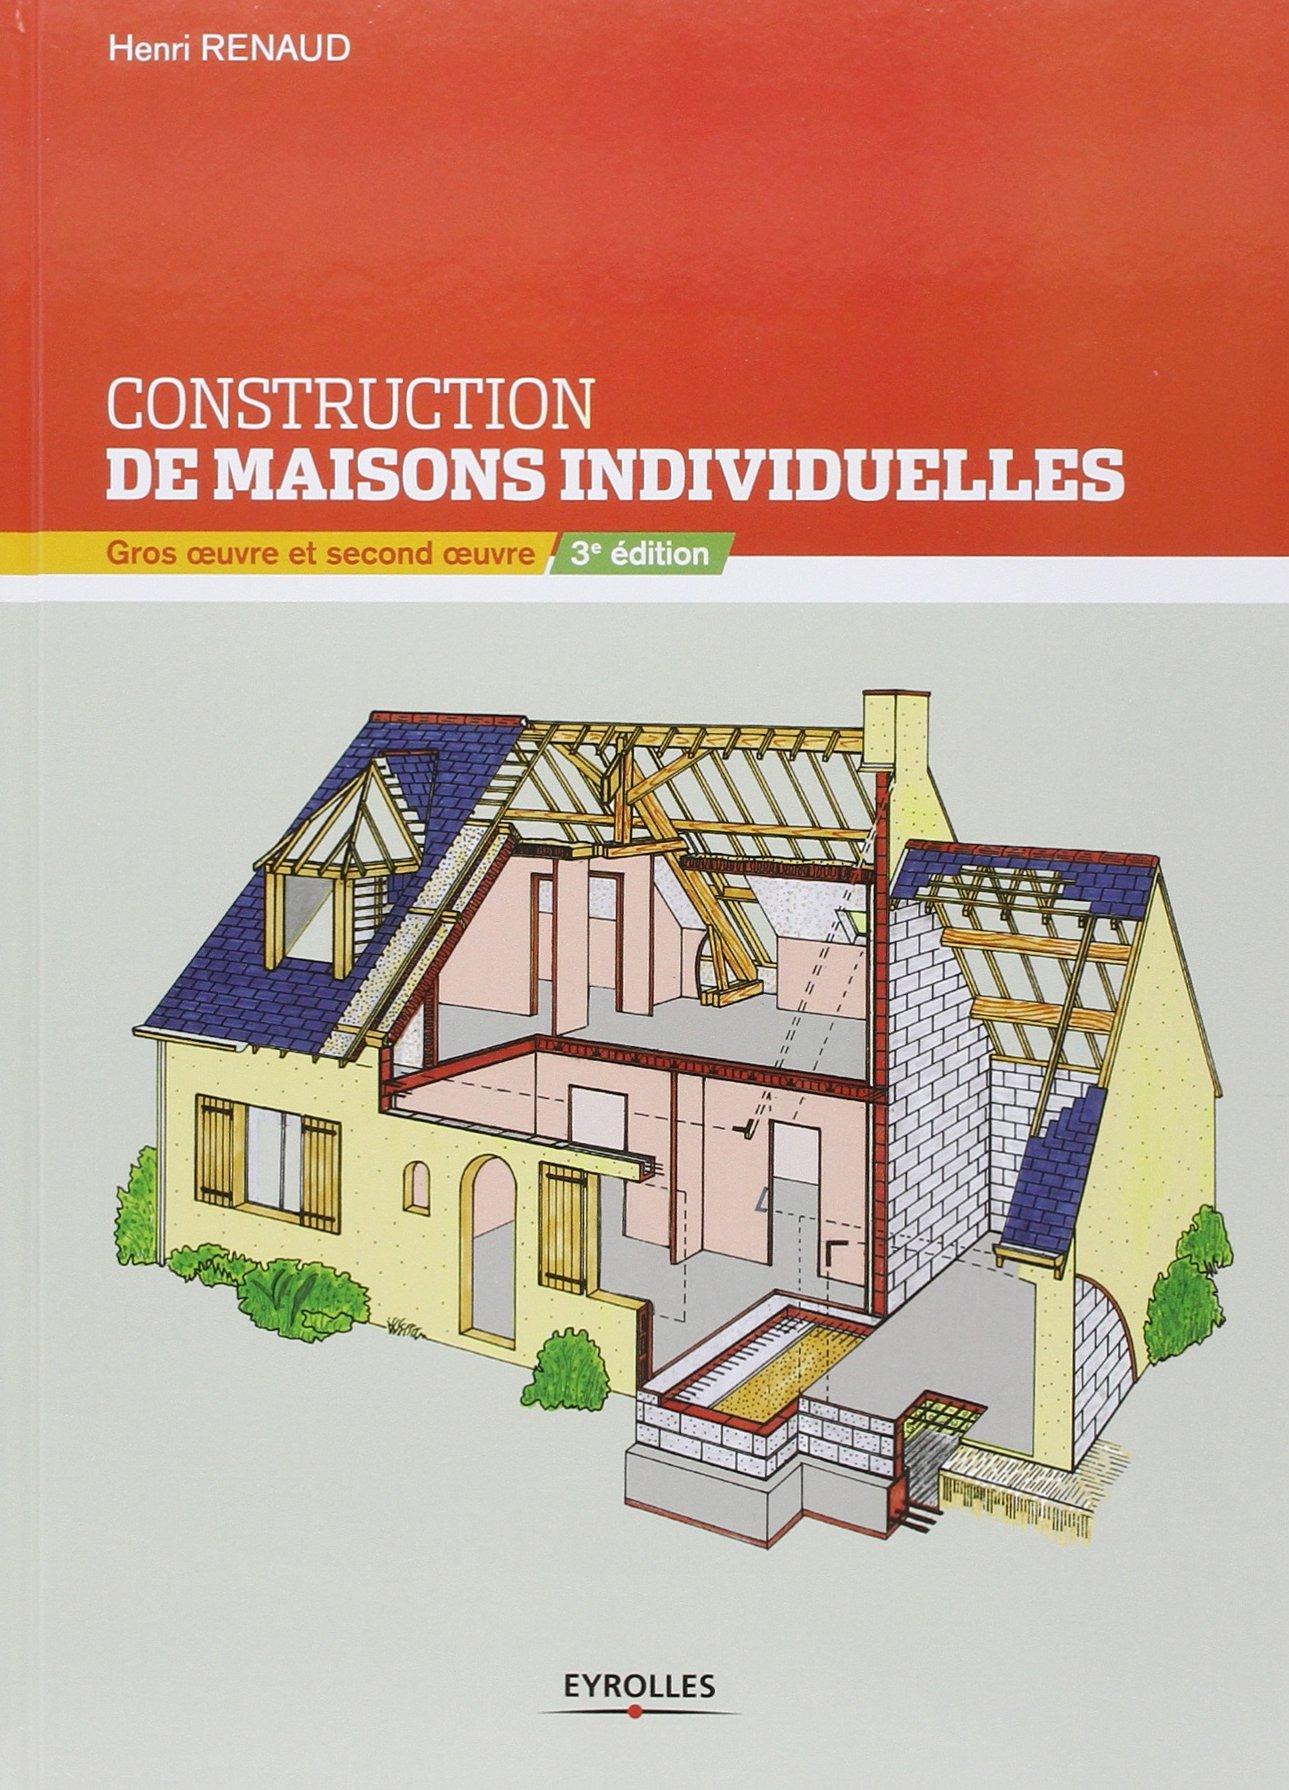 Beau Amazon.fr   Construction De Maisons Individuelles: Gros Oeuvre Et Second  Oeuvre   Henri Renaud   Livres Images